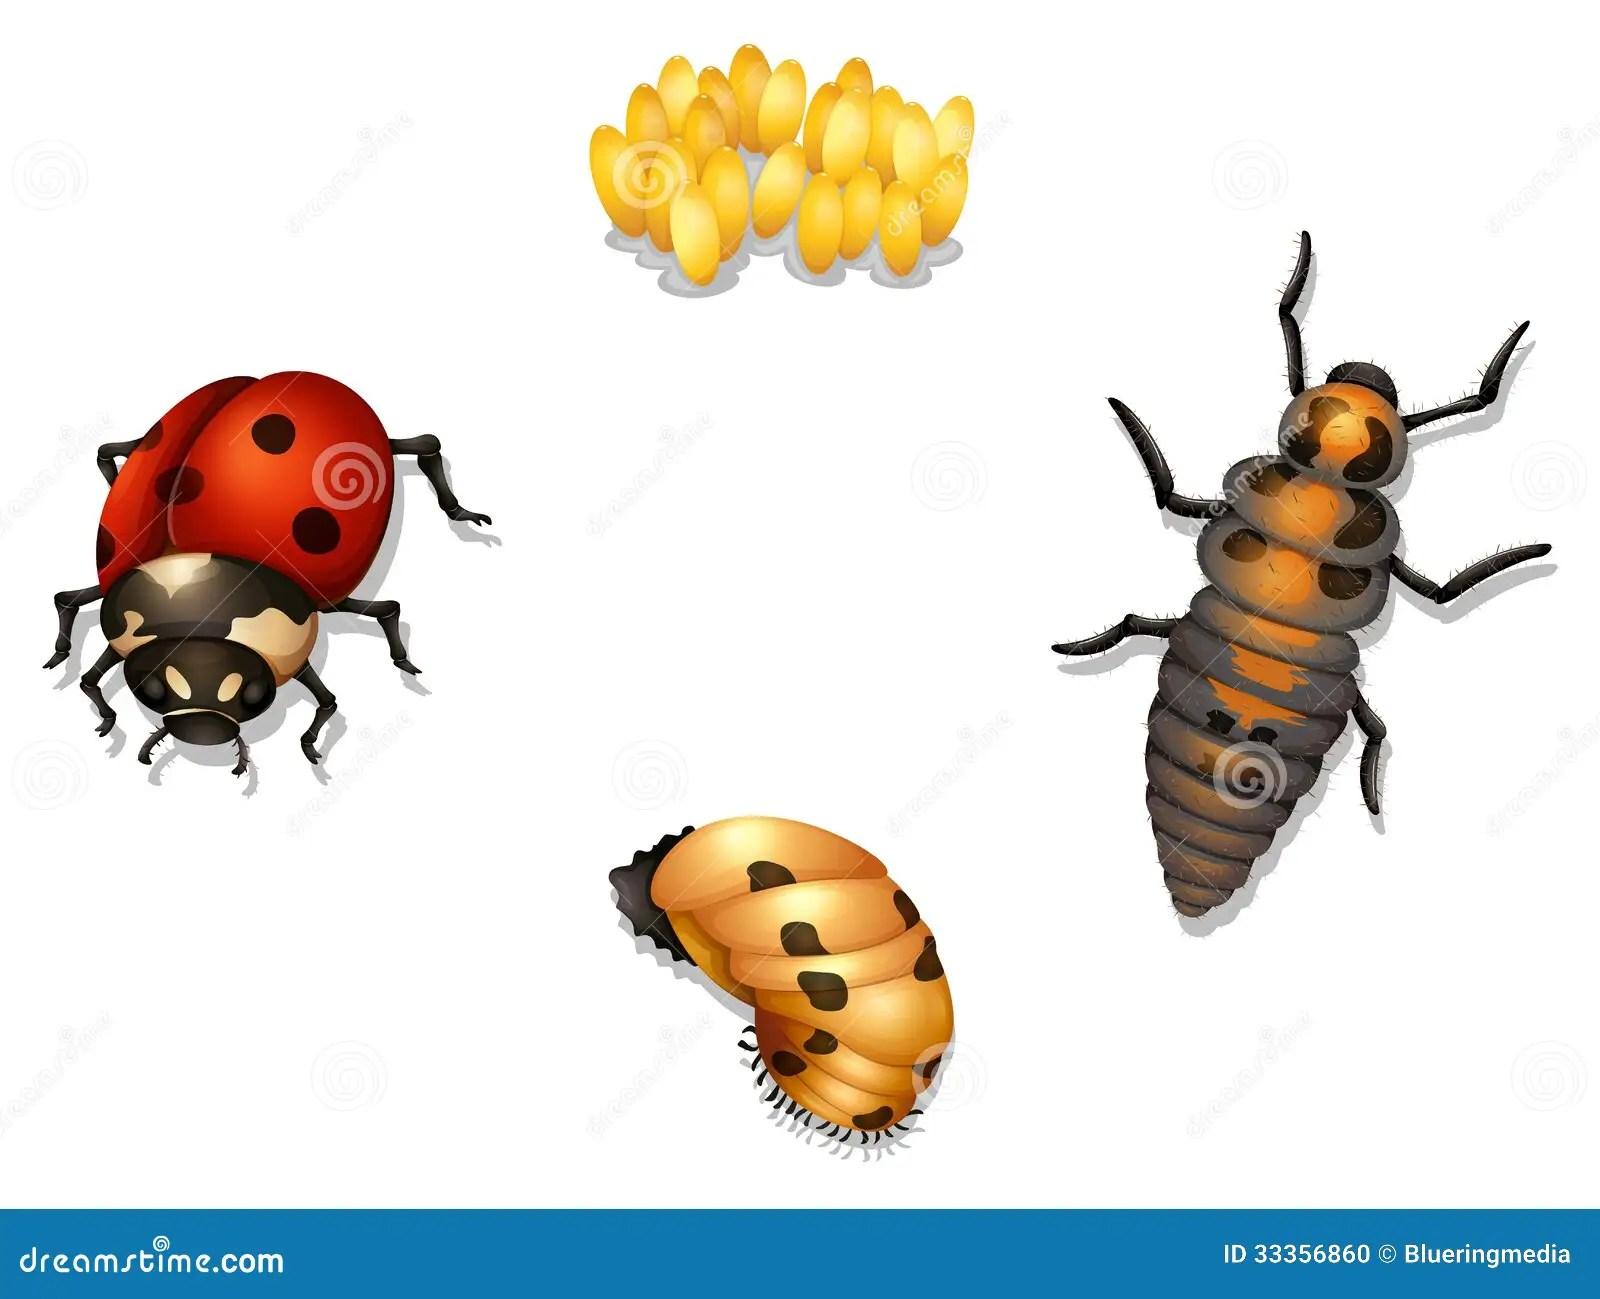 Ladybug Life Cycle Stock Illustration Image Of Isolated